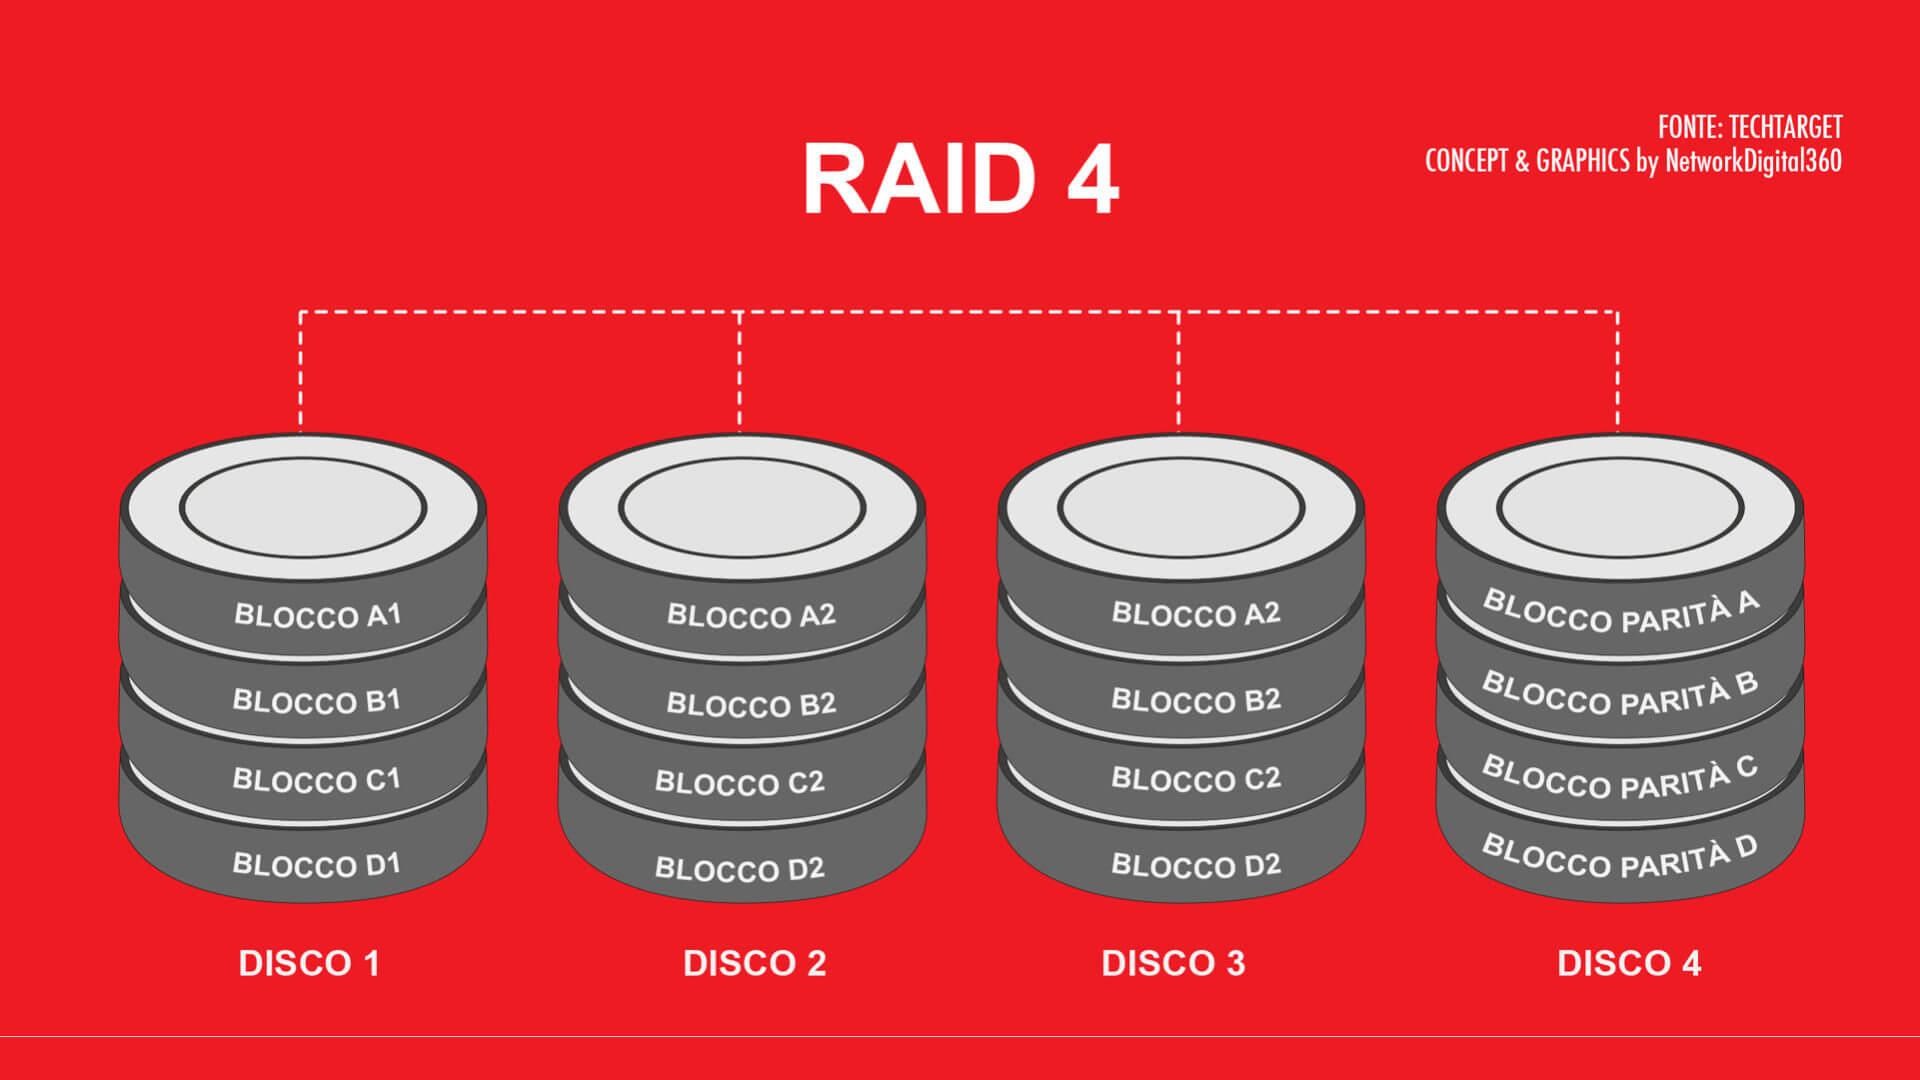 Schema che illustra il funzionamento di RAID 4